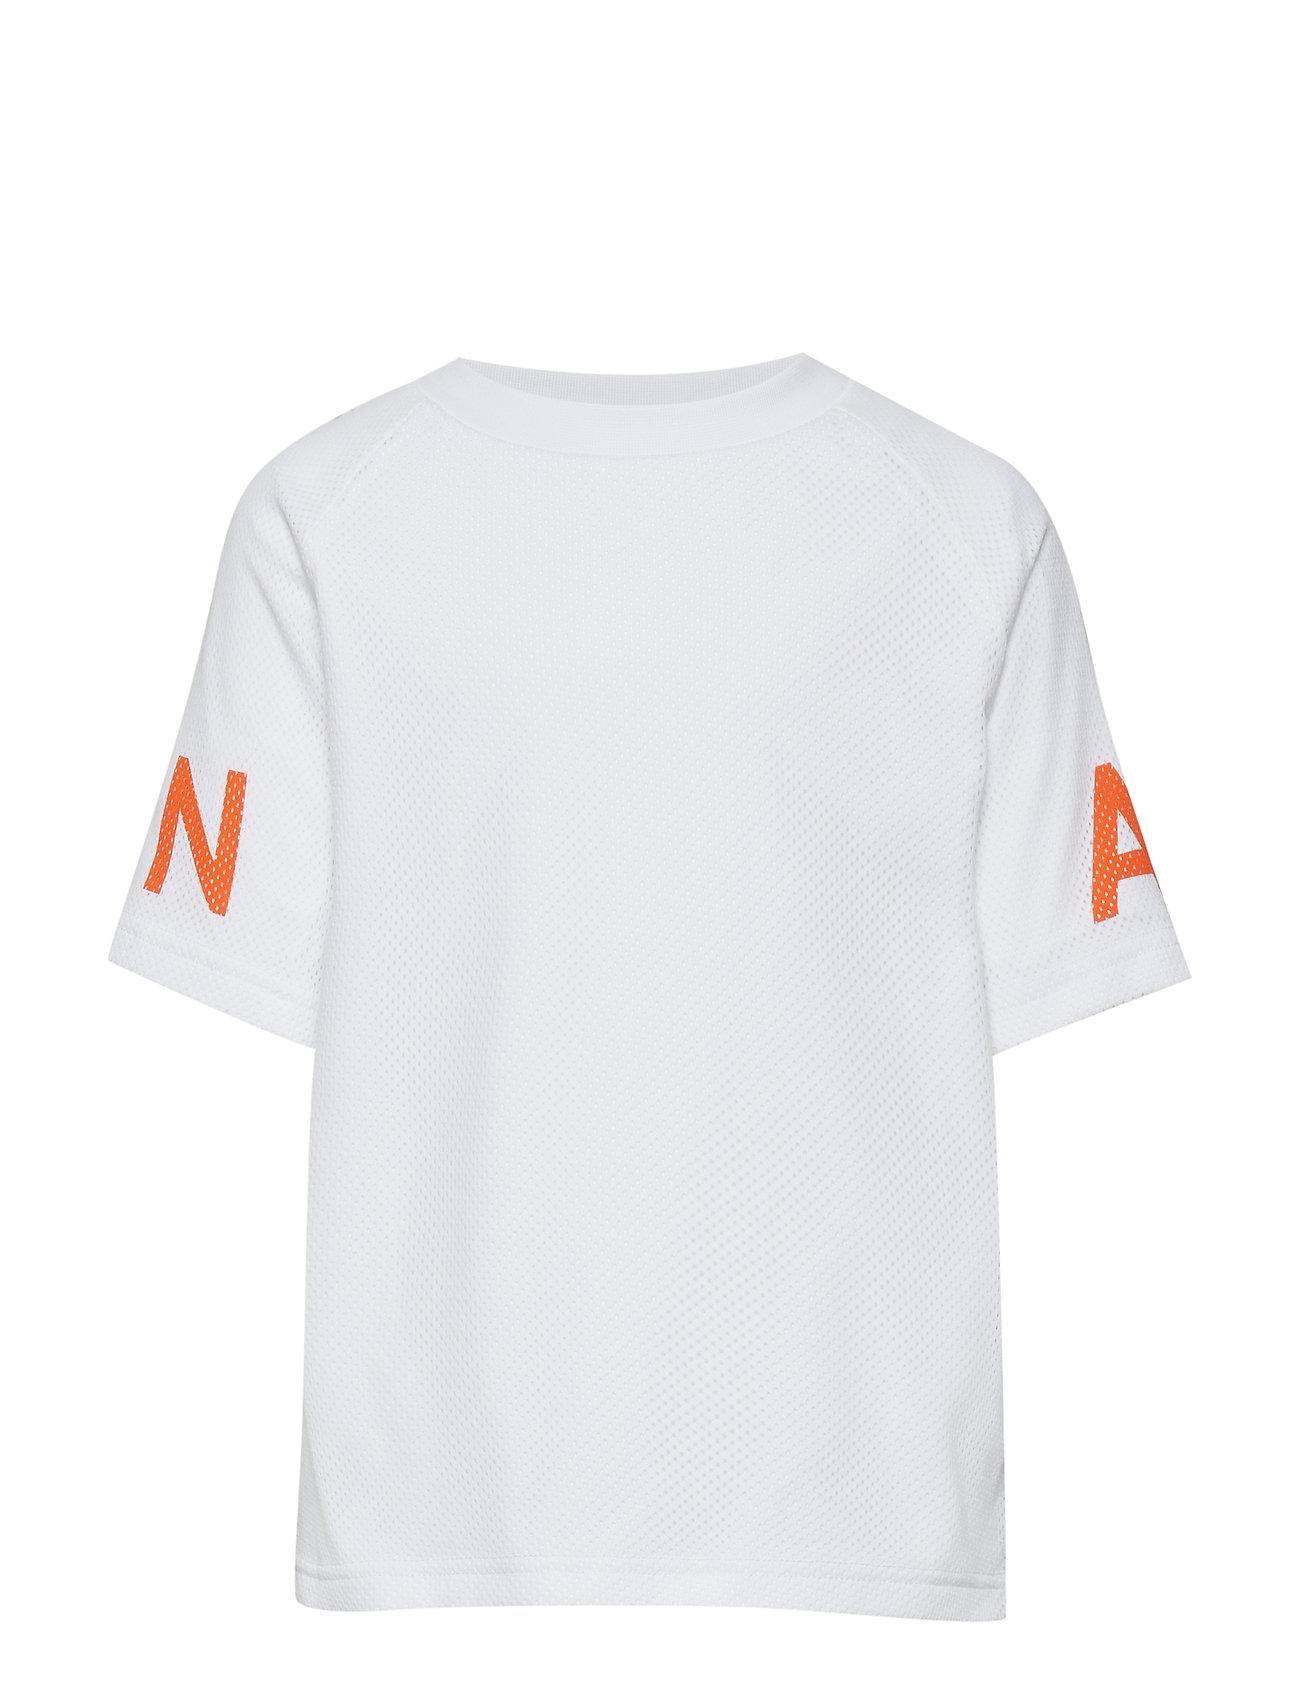 Unauthorized Lorenzo T-shirt - WHITE